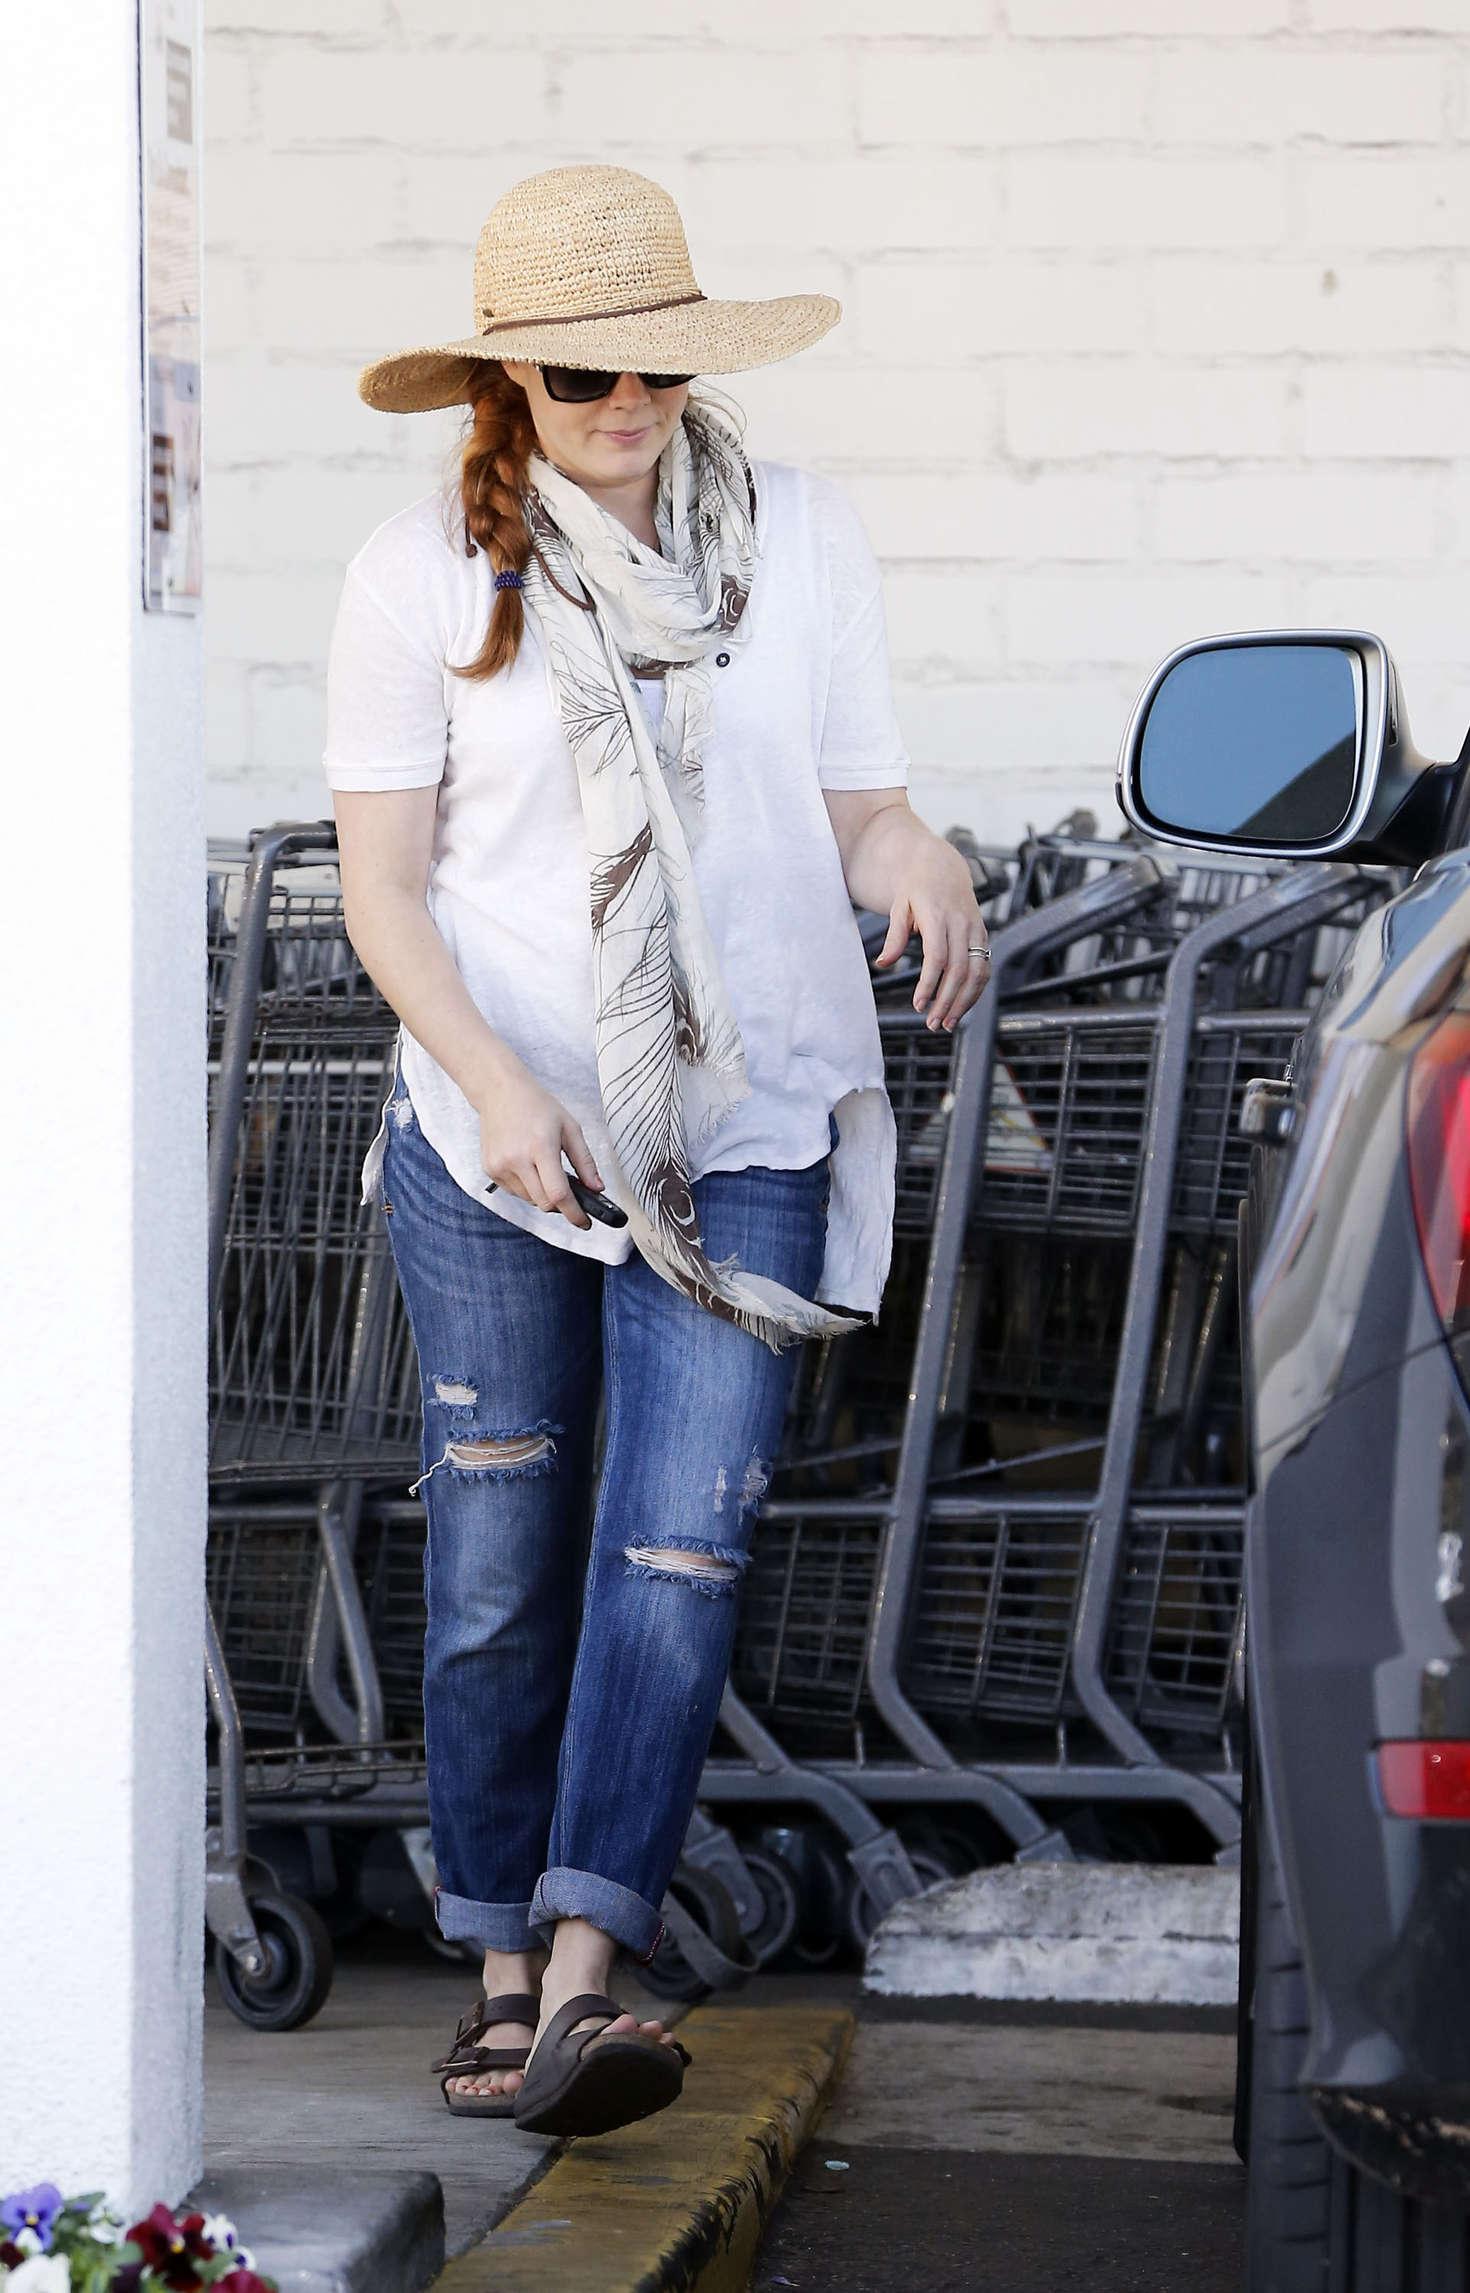 Amy Adams 2016 : Amy Adams in Jeans Shopping in LA -05